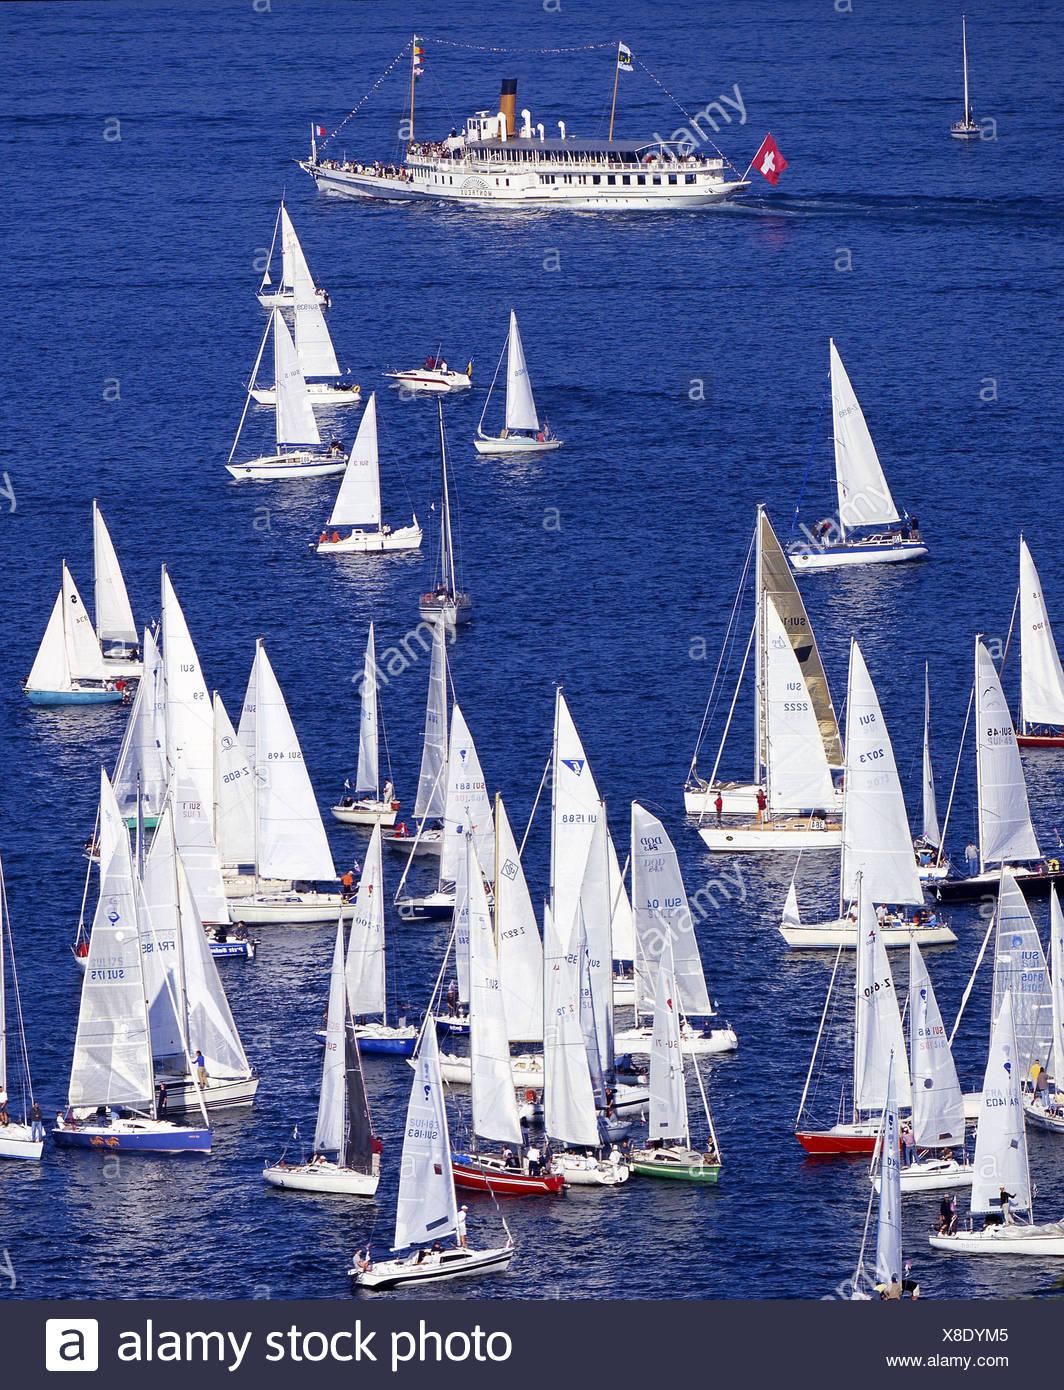 Lac de Genève les navires à voile regatta Bol dòr Lac Léman Lac Léman voiliers bateaux ship Suisse Europe Photo Stock